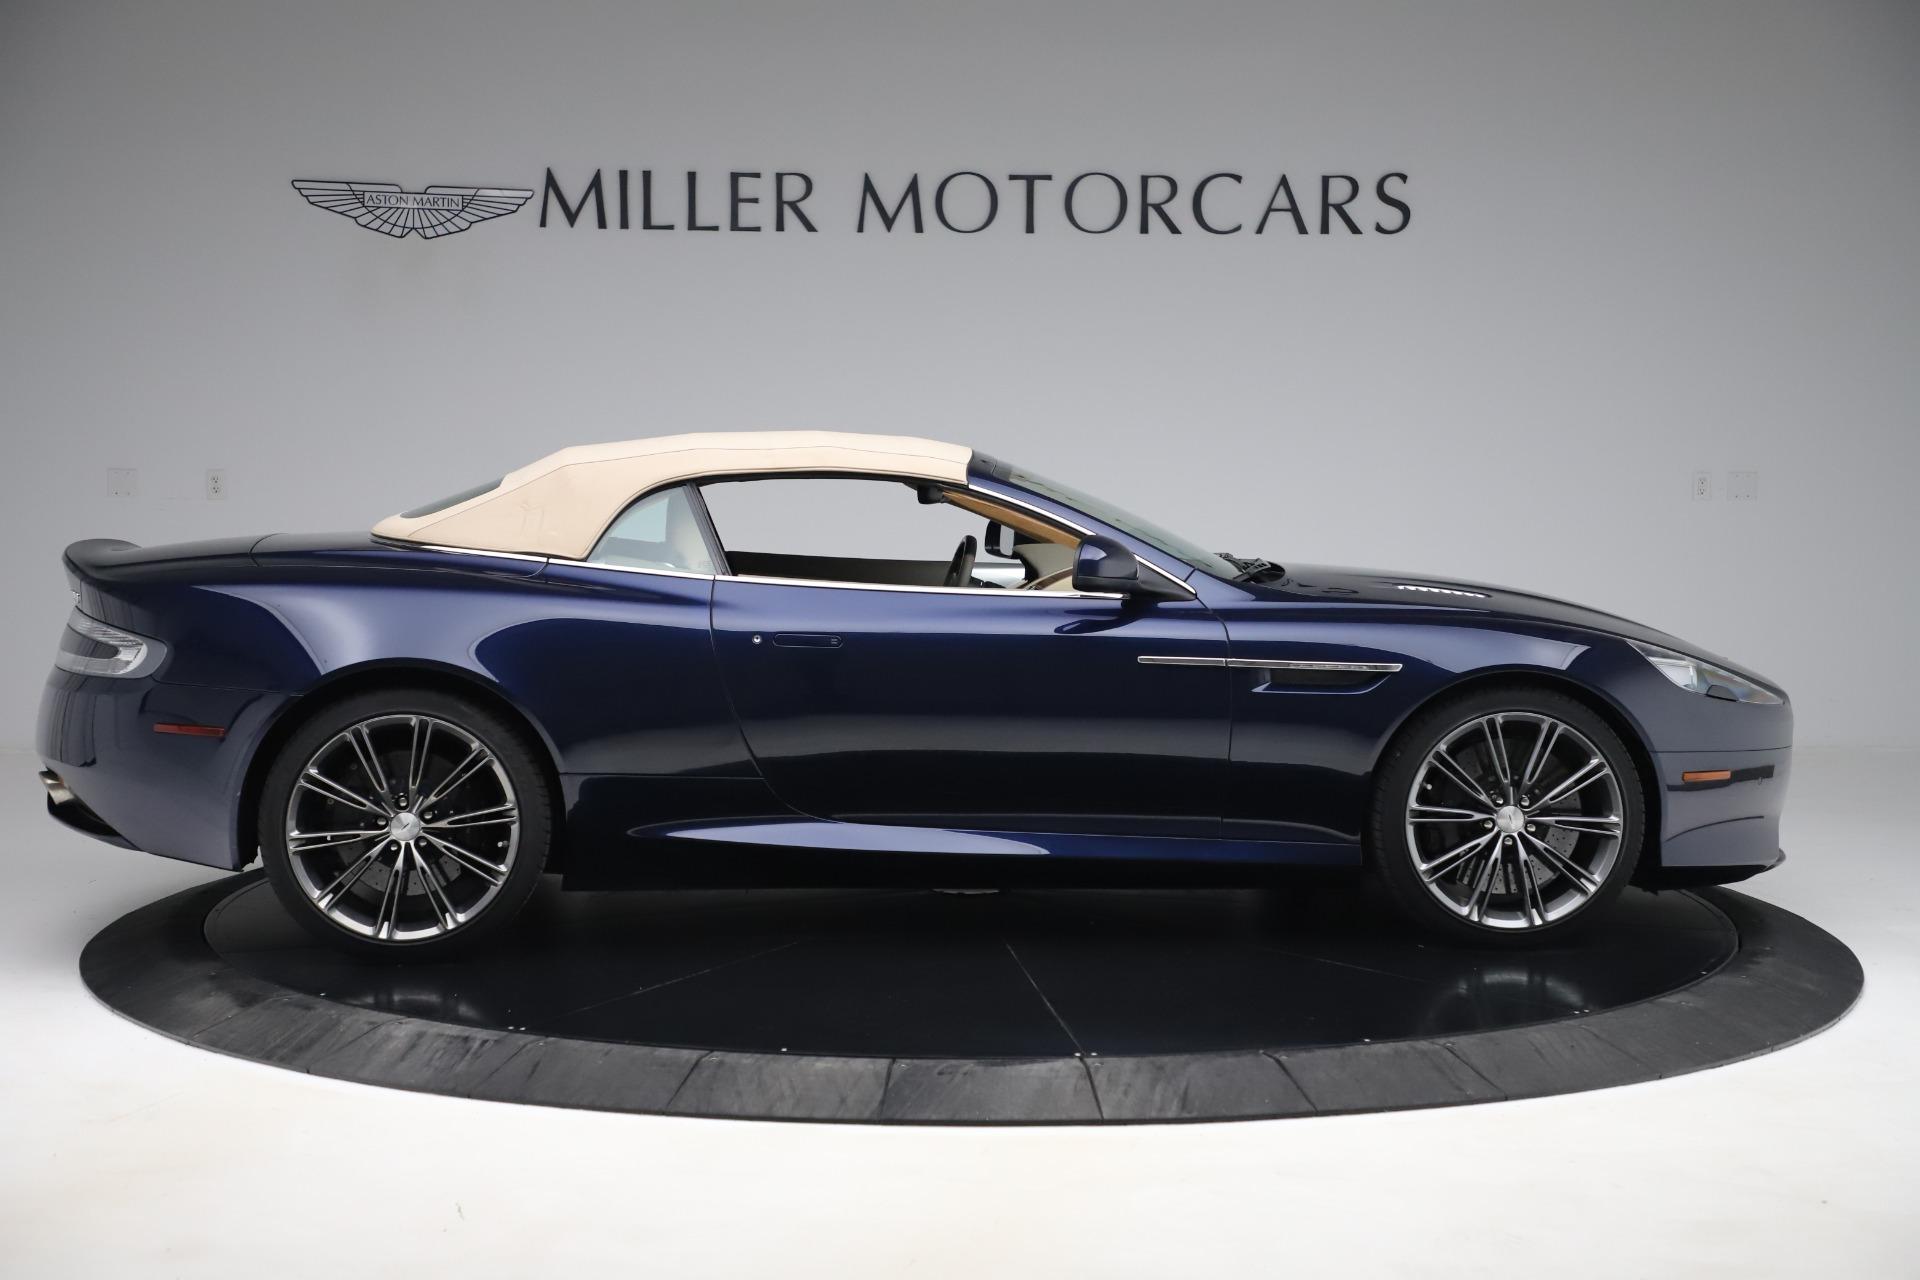 Used 2014 Aston Martin DB9 Volante For Sale In Greenwich, CT 3591_p17